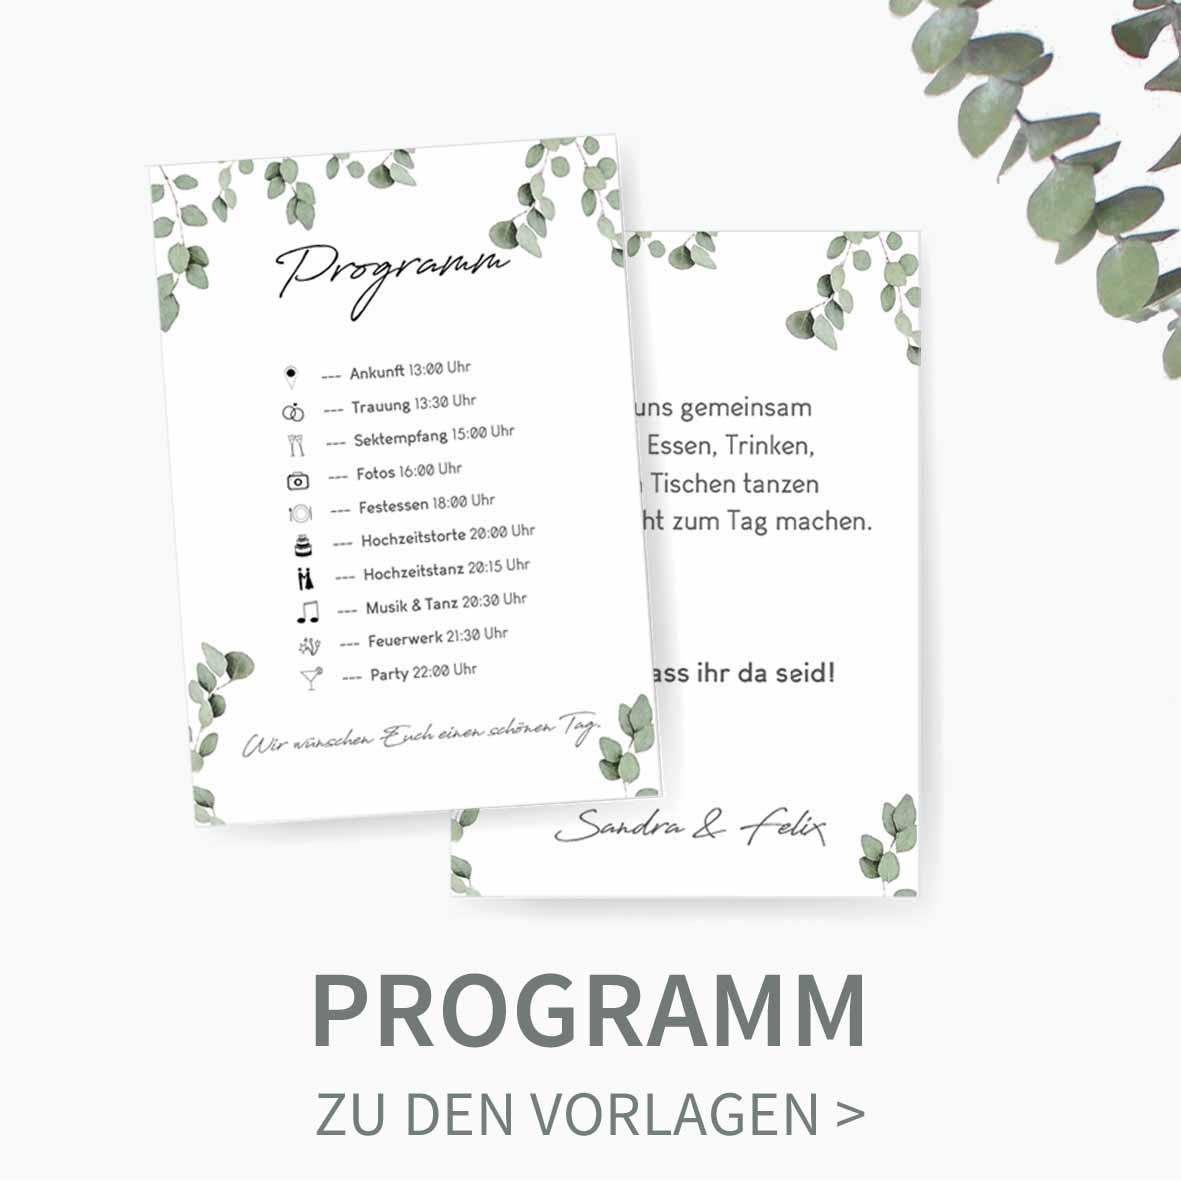 Druckvorlagne für euer Hochzeitsporgramm